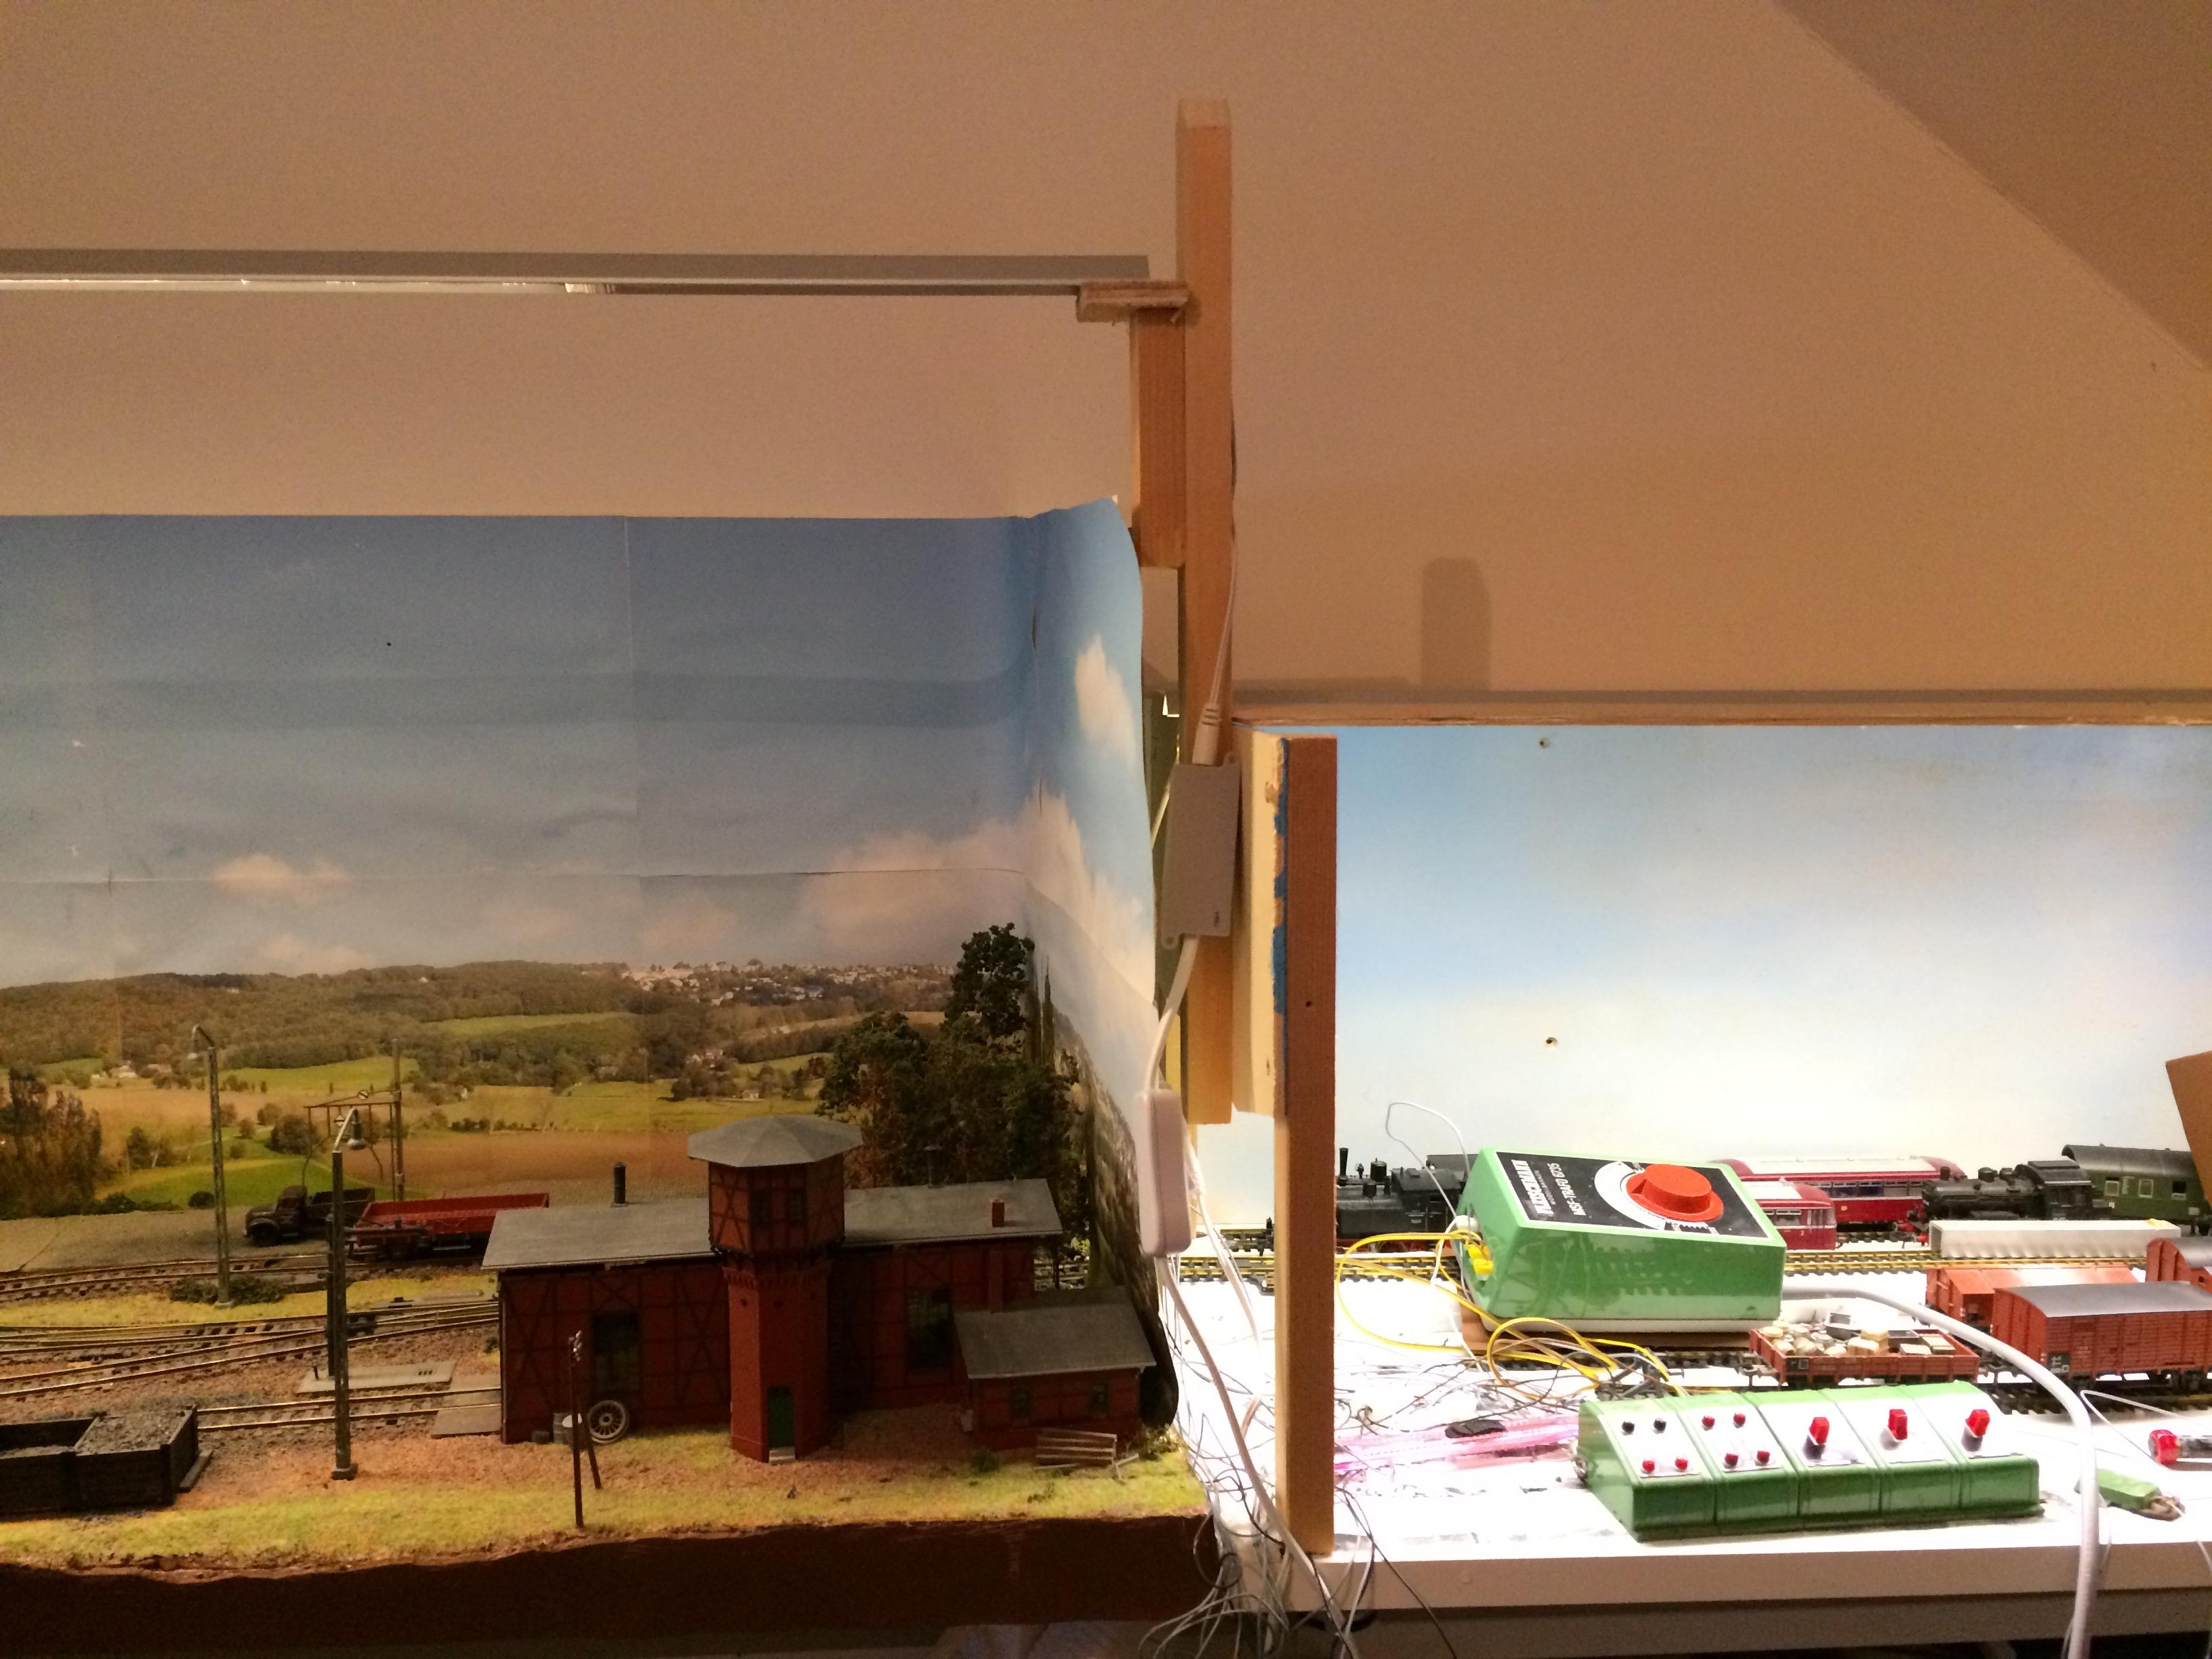 De overgang tussen diorama en schaduwzijde.